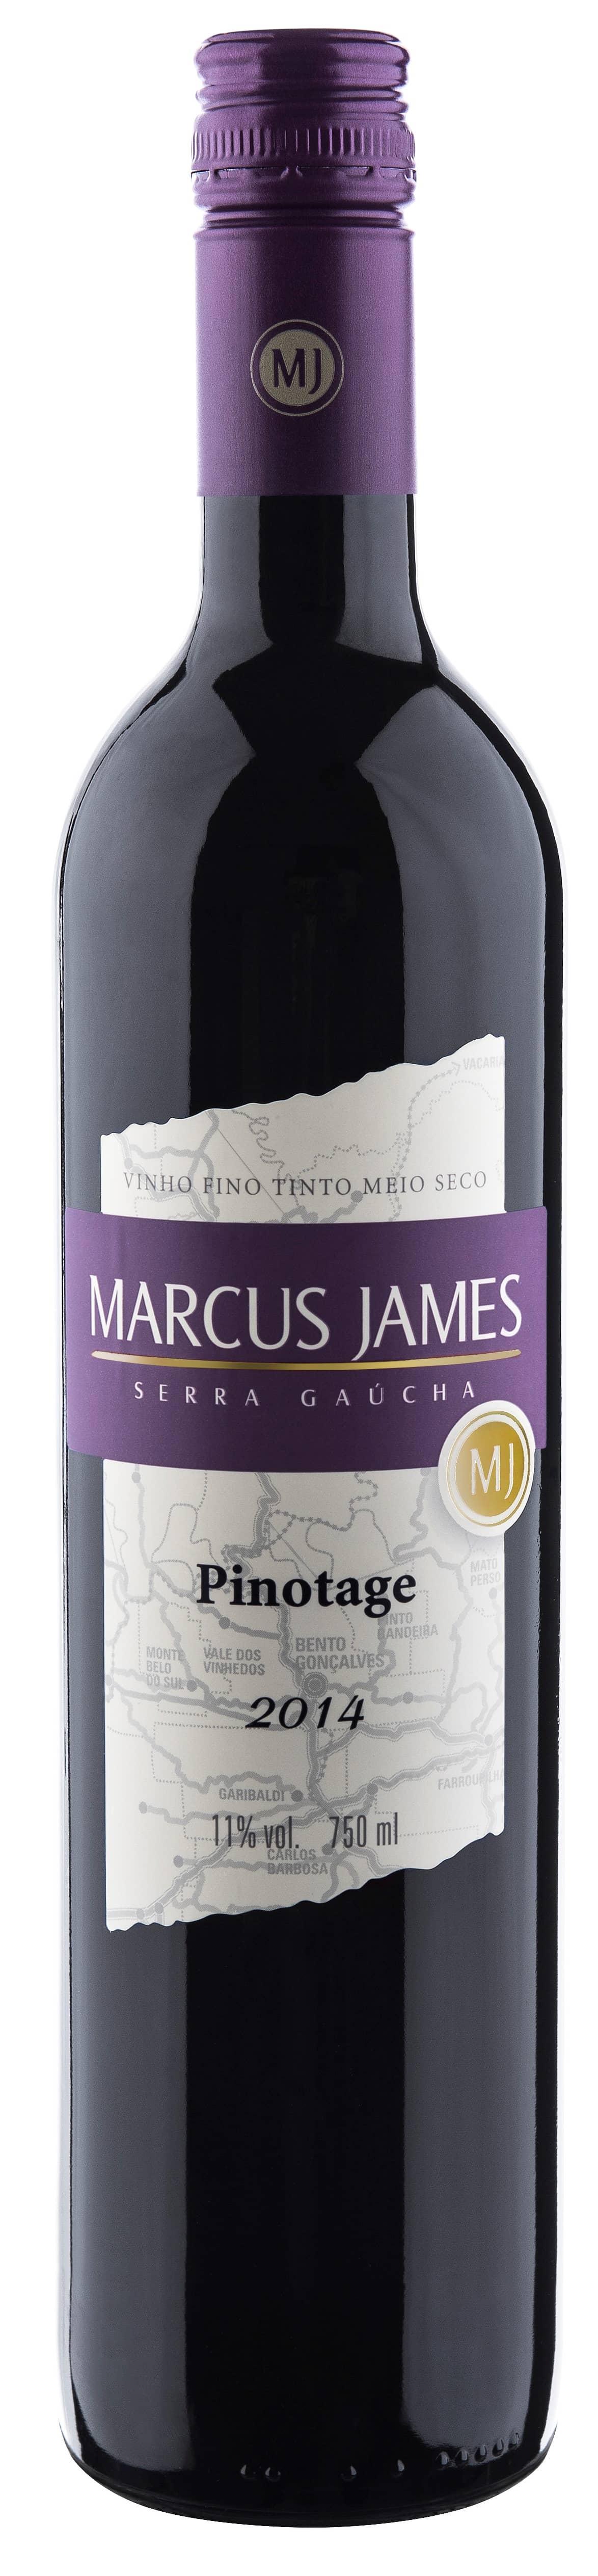 Marcus-James-Pinotage